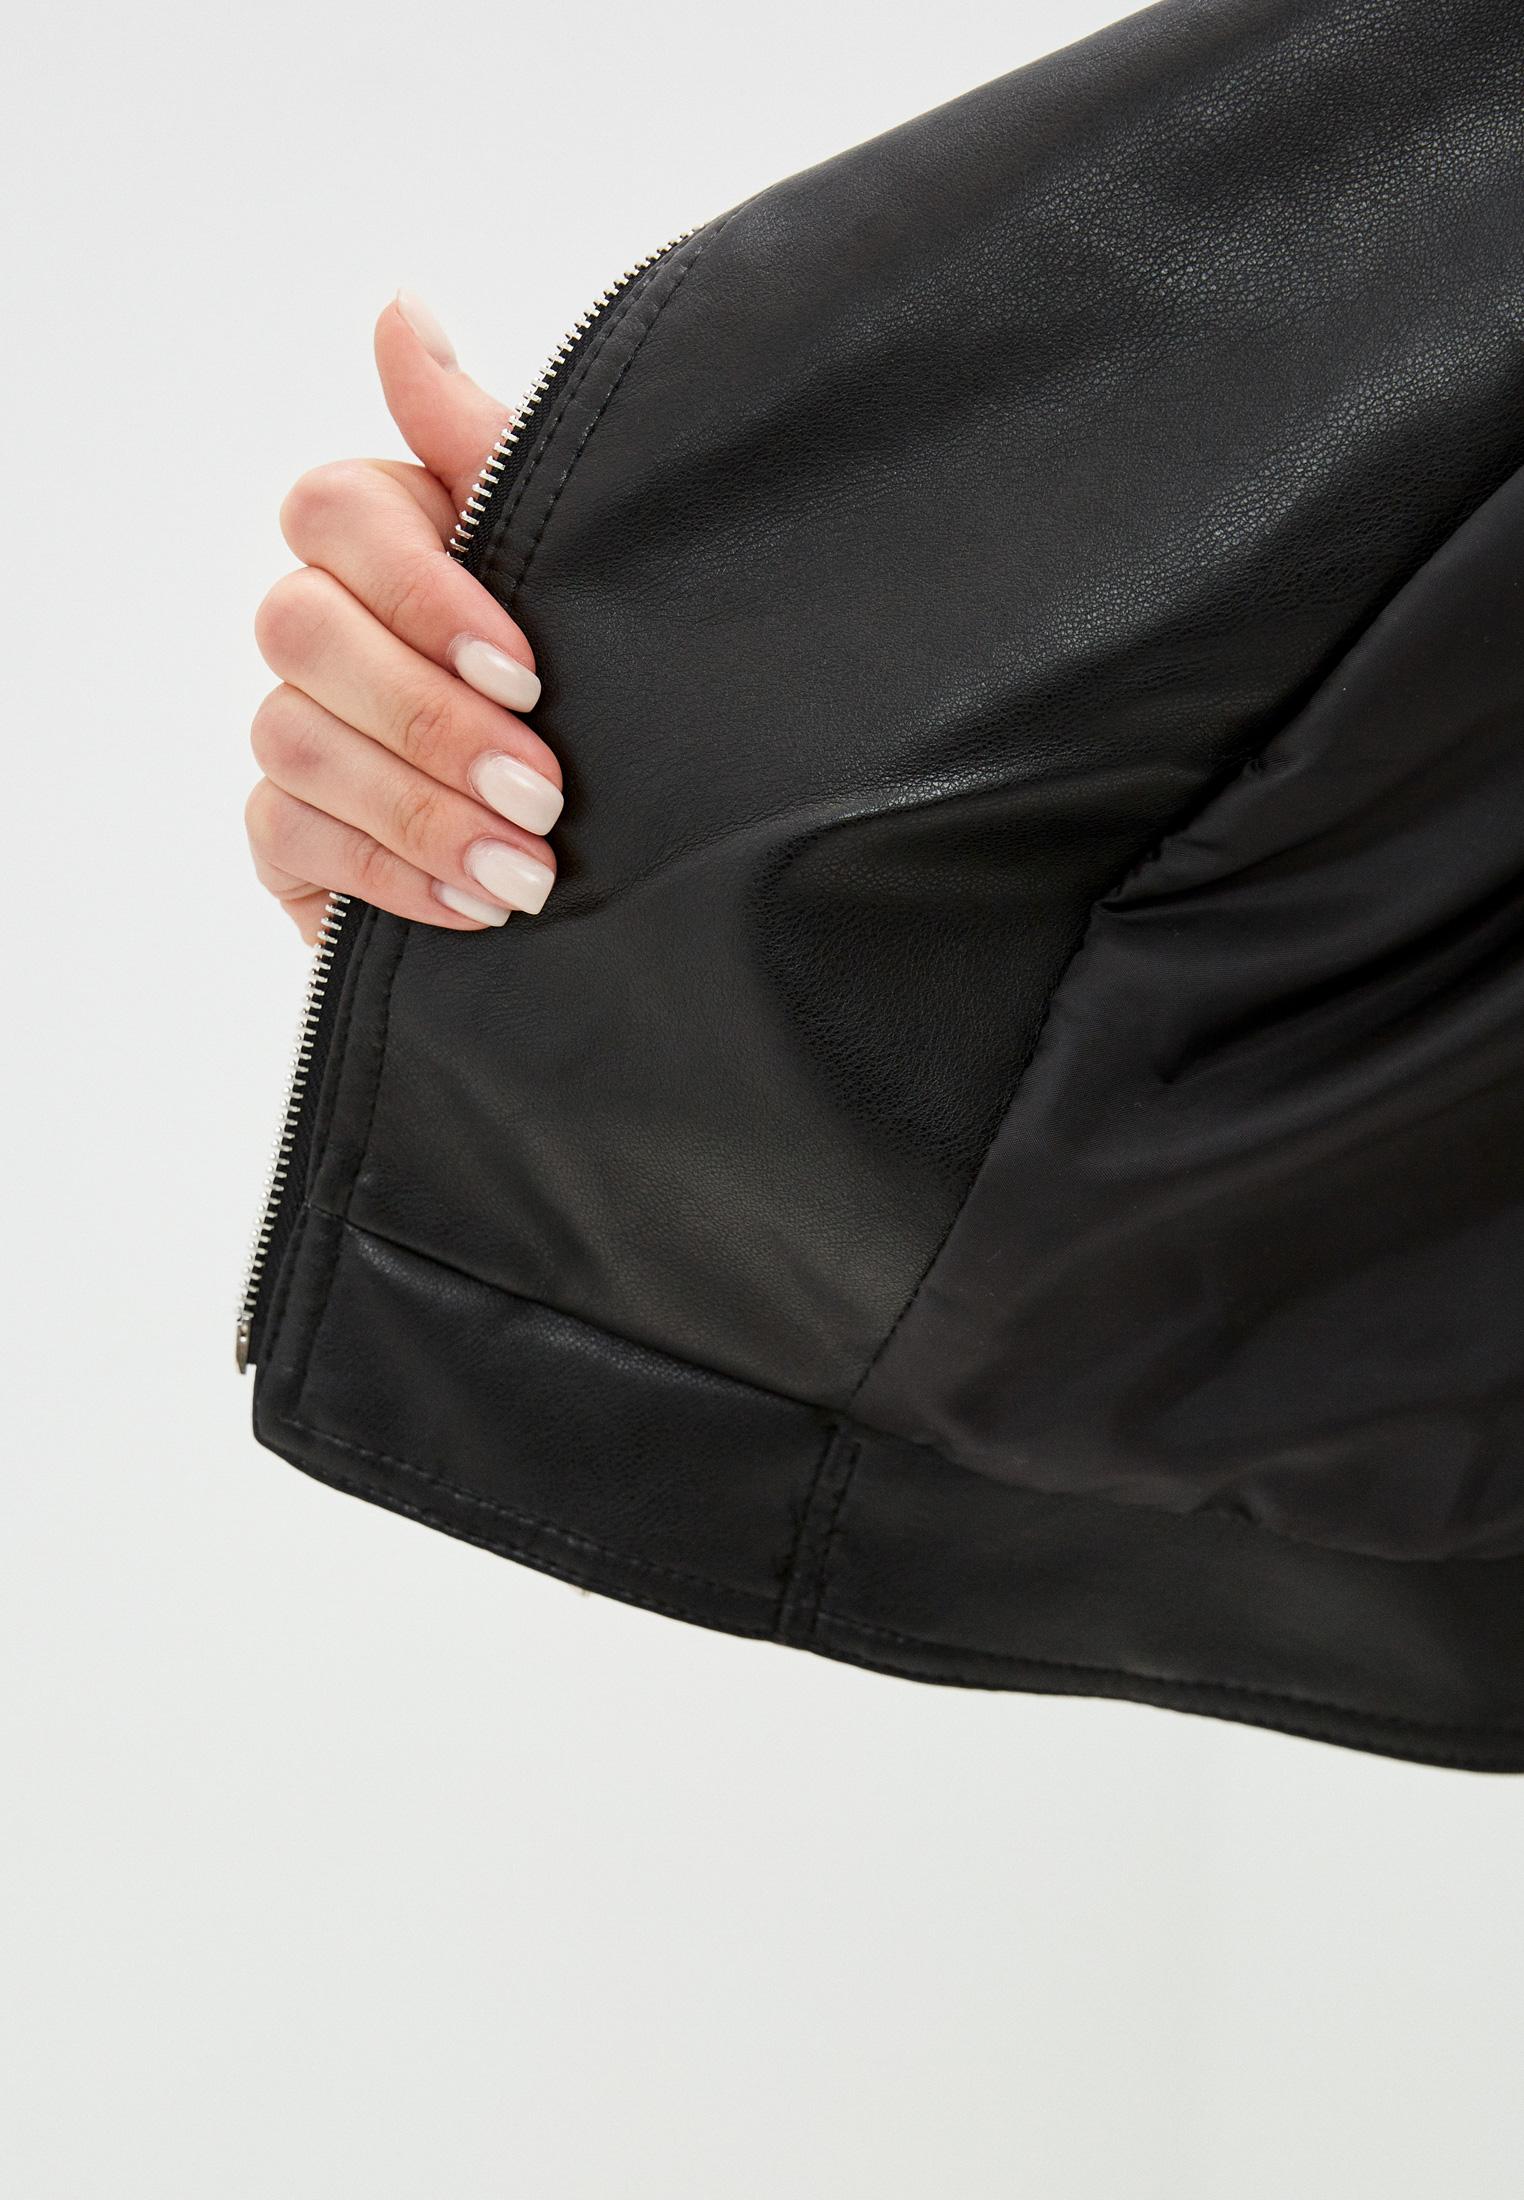 Кожаная куртка Adrixx NR09-7987: изображение 4